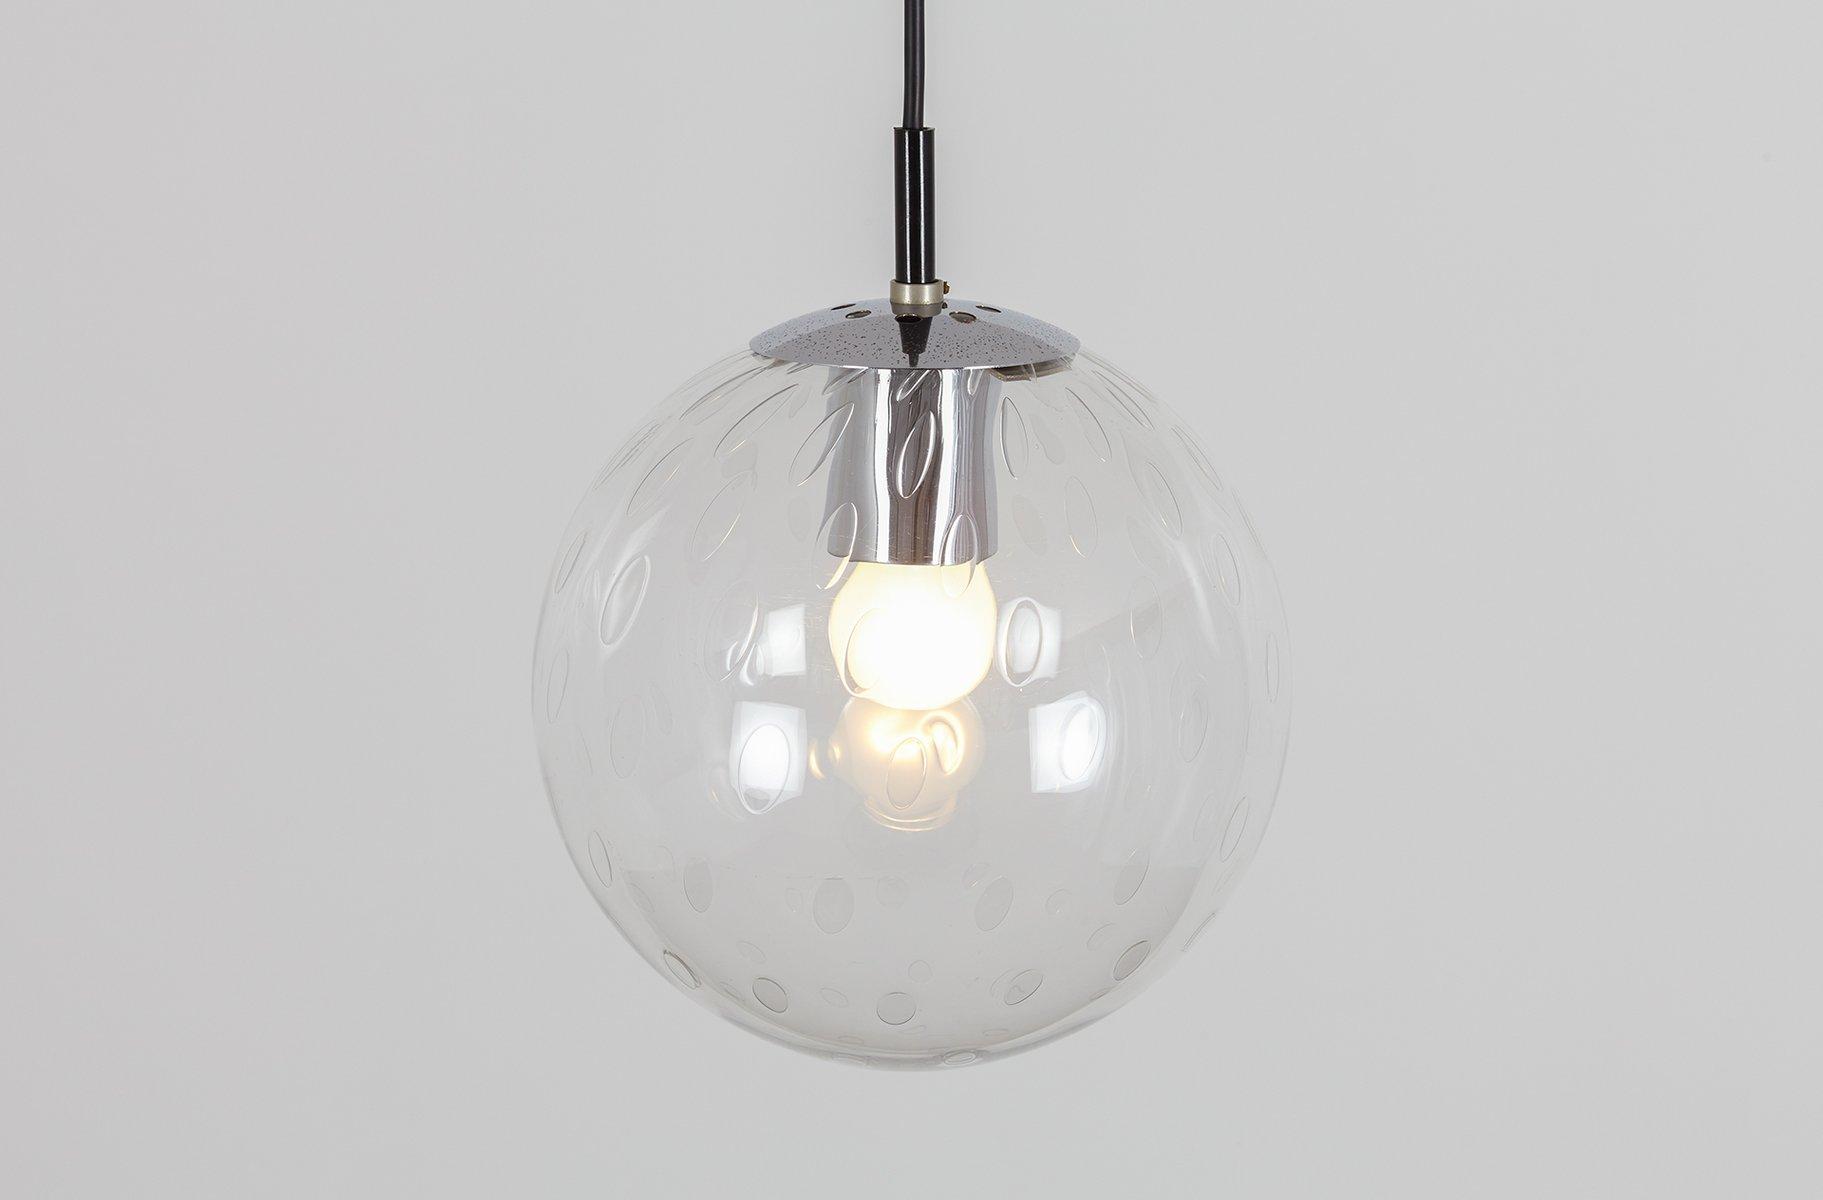 hngelampe glaskugel glas hngelampe kugel lampe silber hngeleuchte shabby vintage with hngelampe. Black Bedroom Furniture Sets. Home Design Ideas